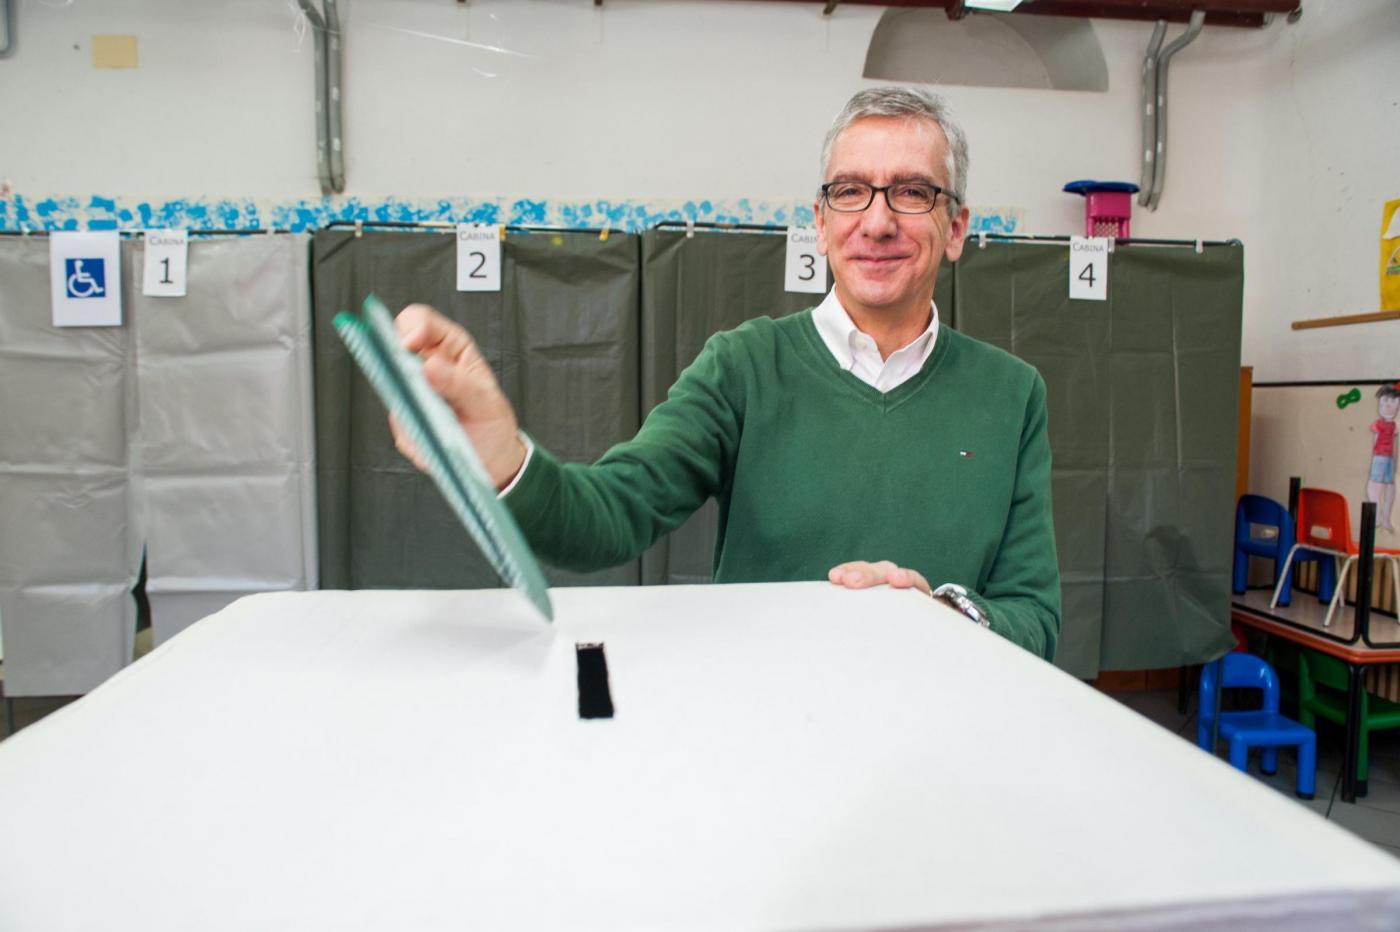 Sardegna al centrosinistra, Pigliaru governatore batte Cappellacci e Forza Italia